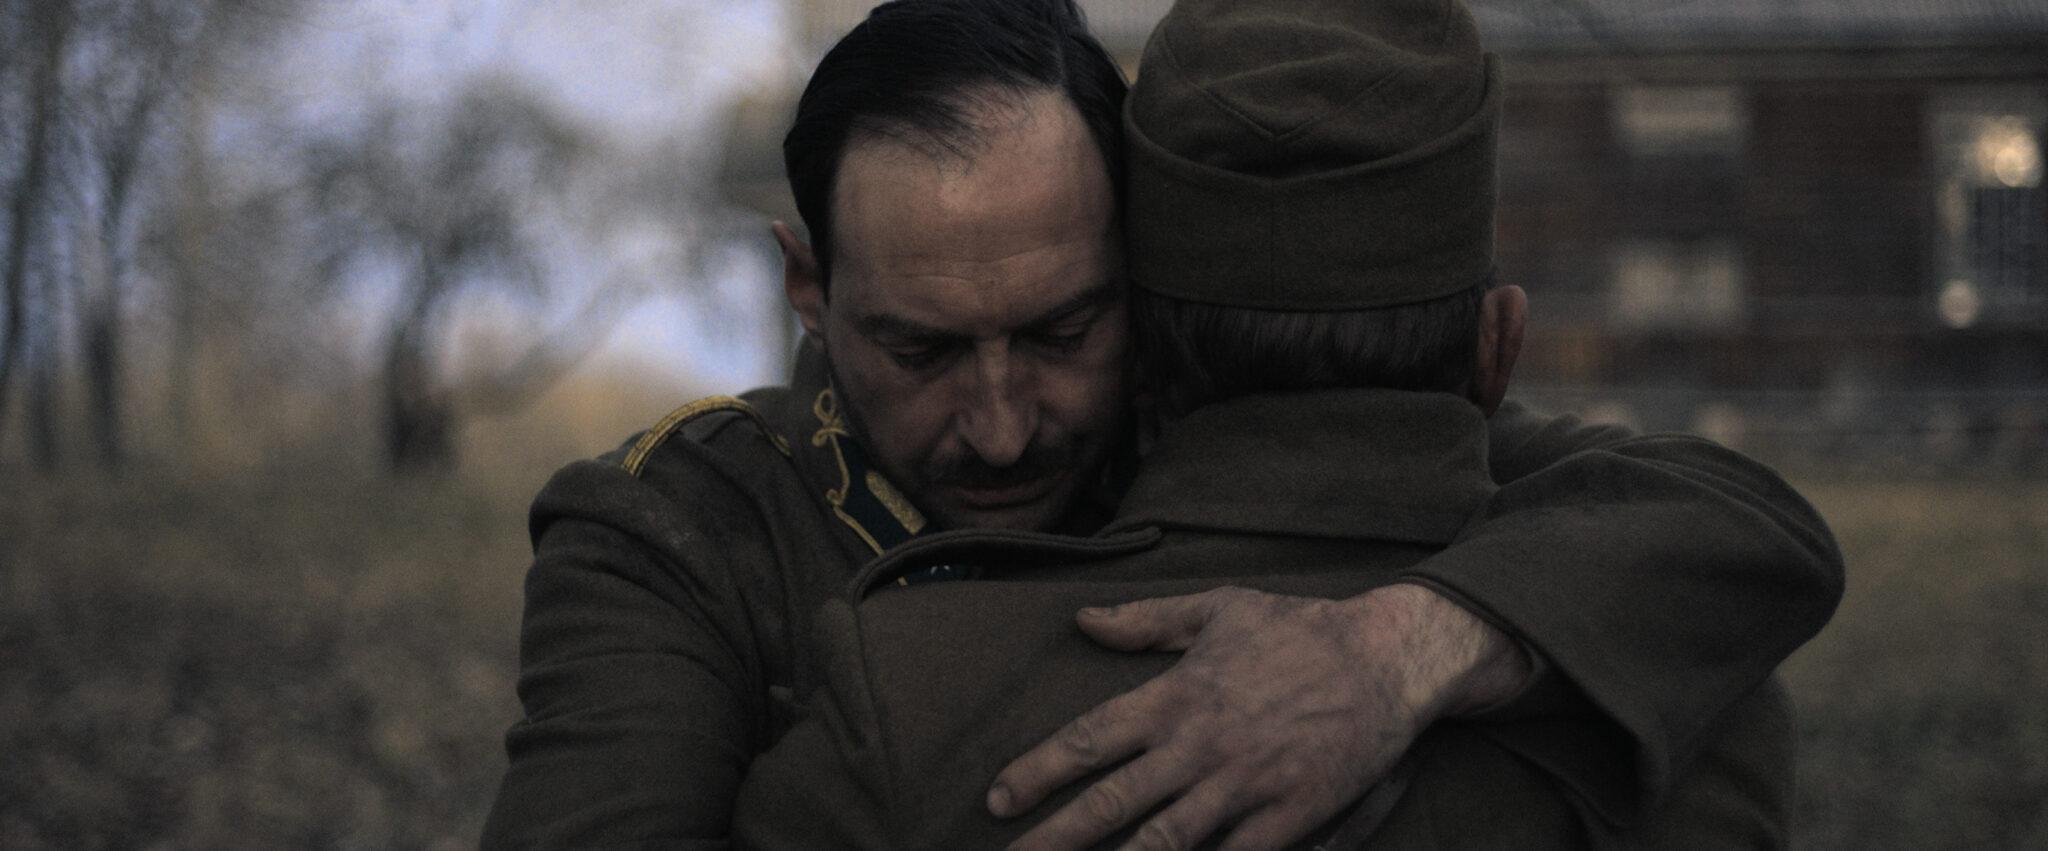 In Natural Light umarmen sich zwei uniformierte Soldaten. Einen mit Kappe sieht man nur in der Rückansicht, den anderen mit geschlossenen Augen von vorn.